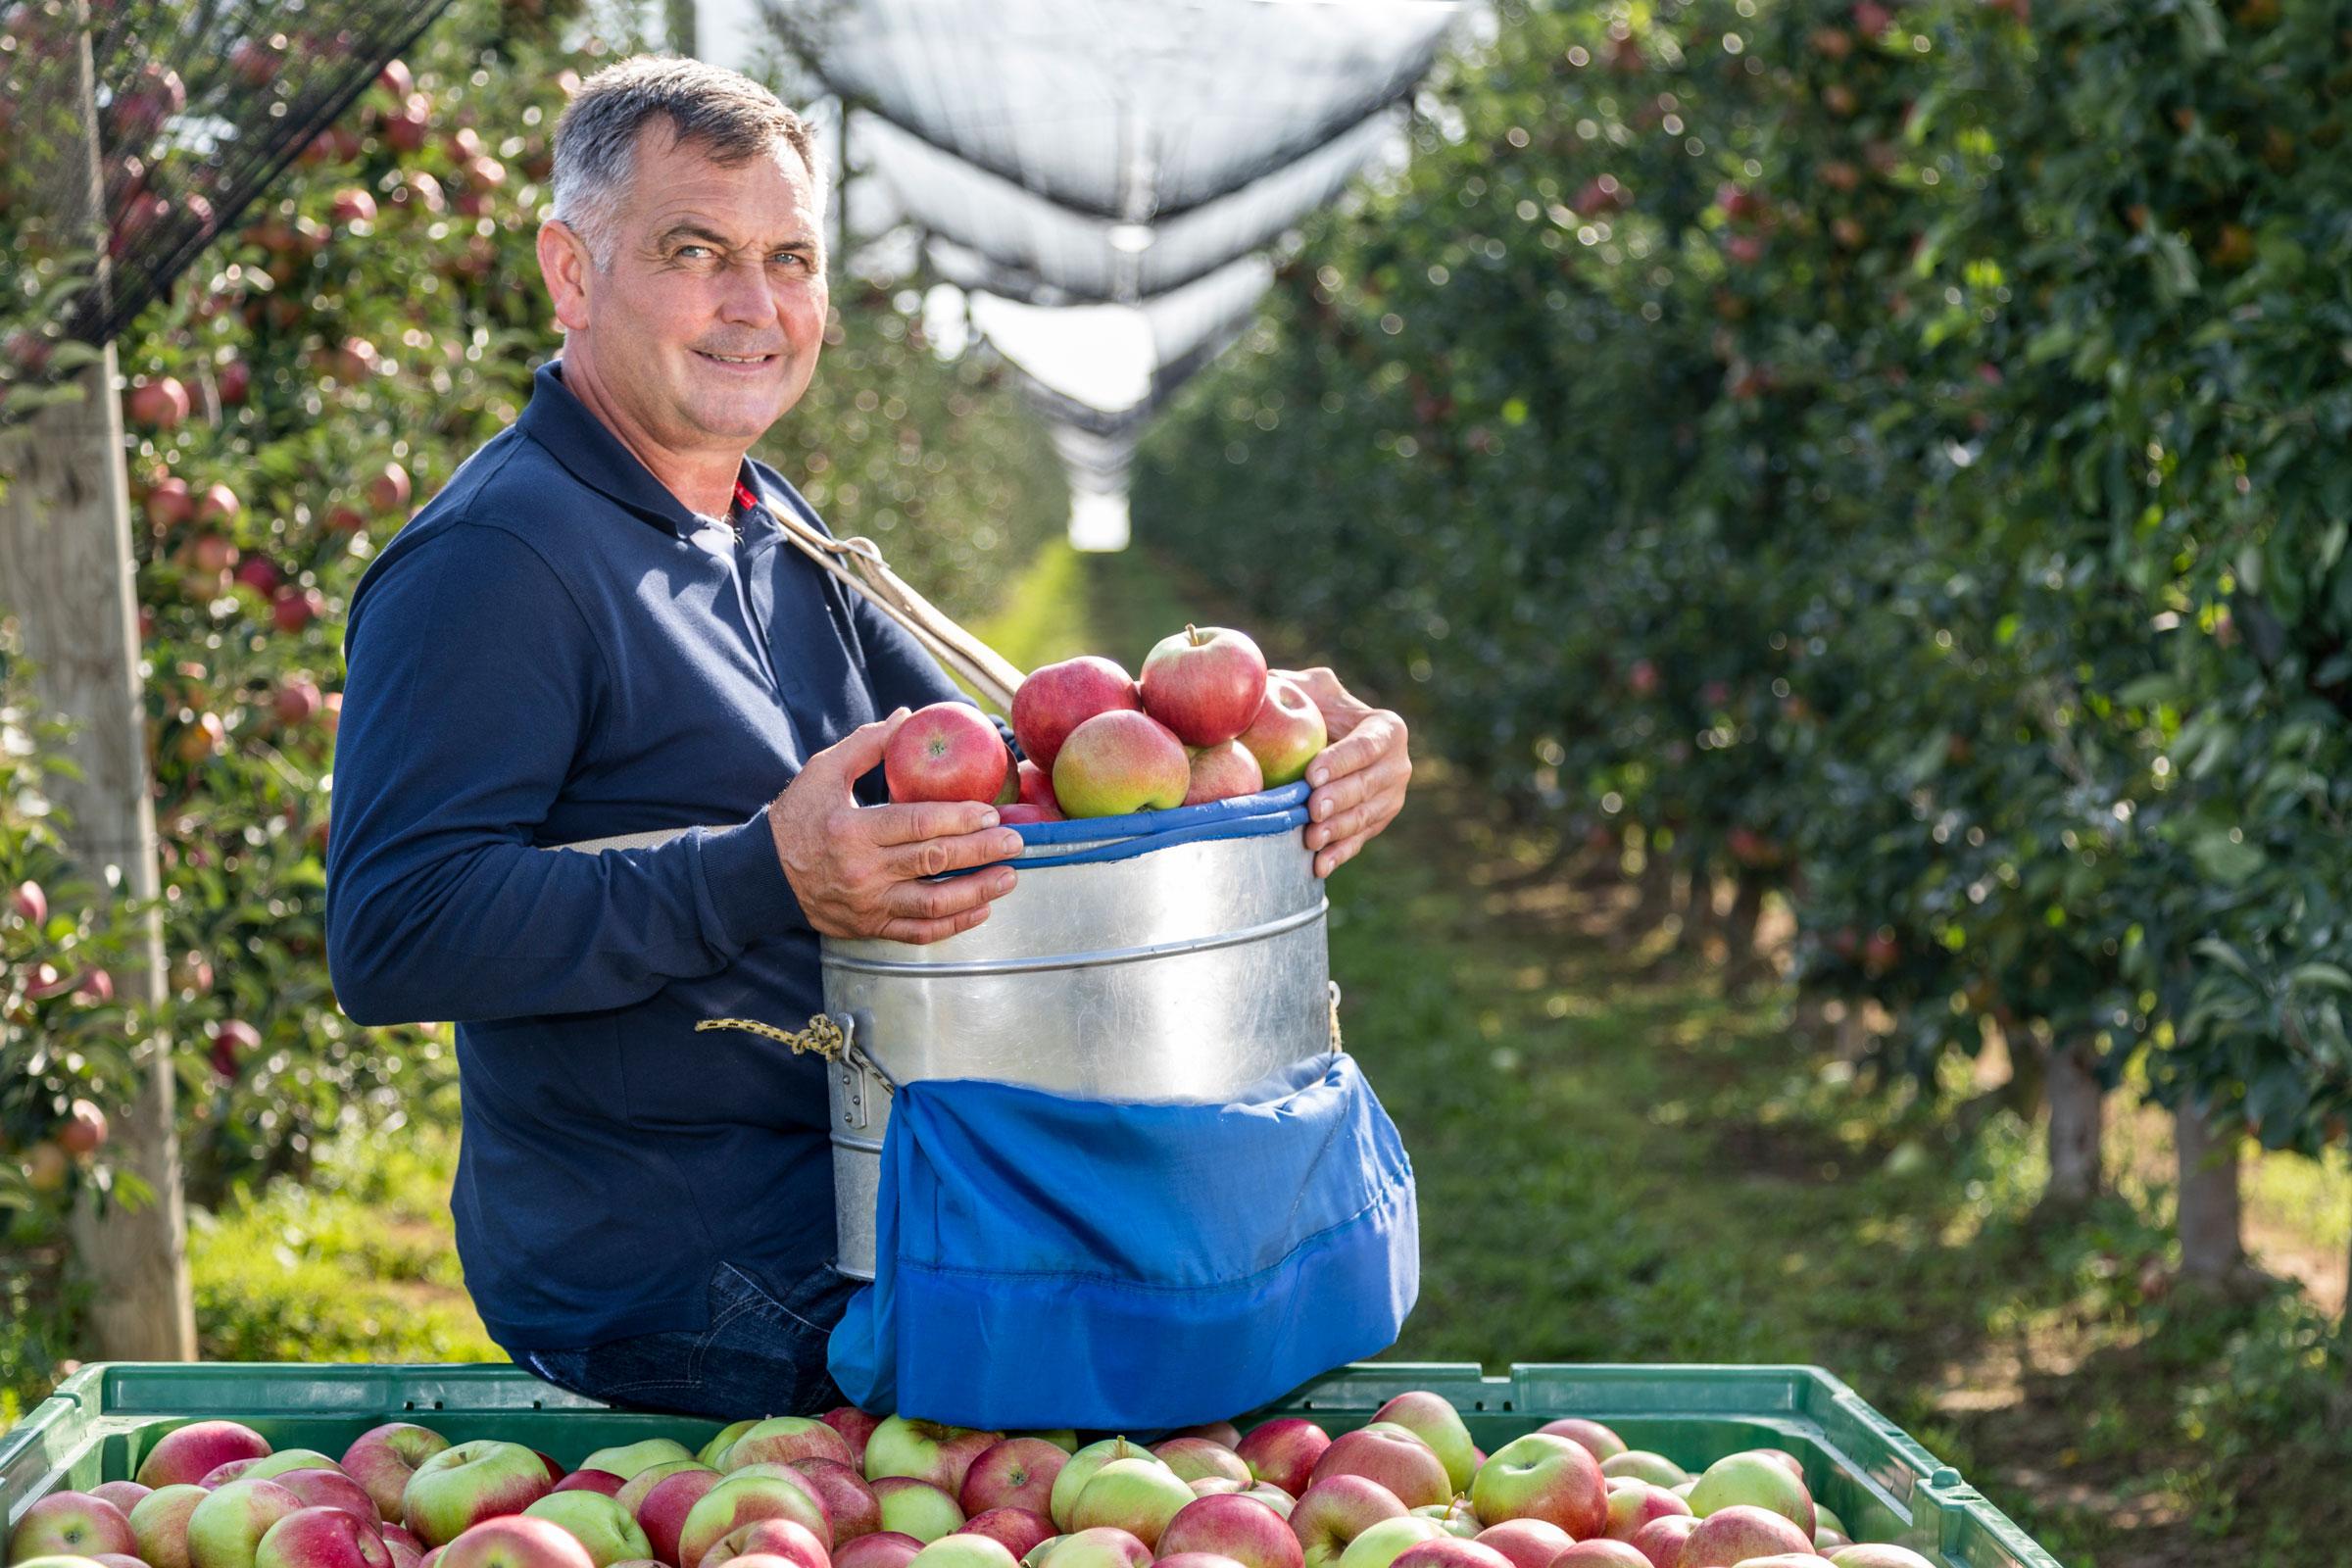 Domaće jabuke OPG Čeh iz Međimurja proizvodi za Kaufland